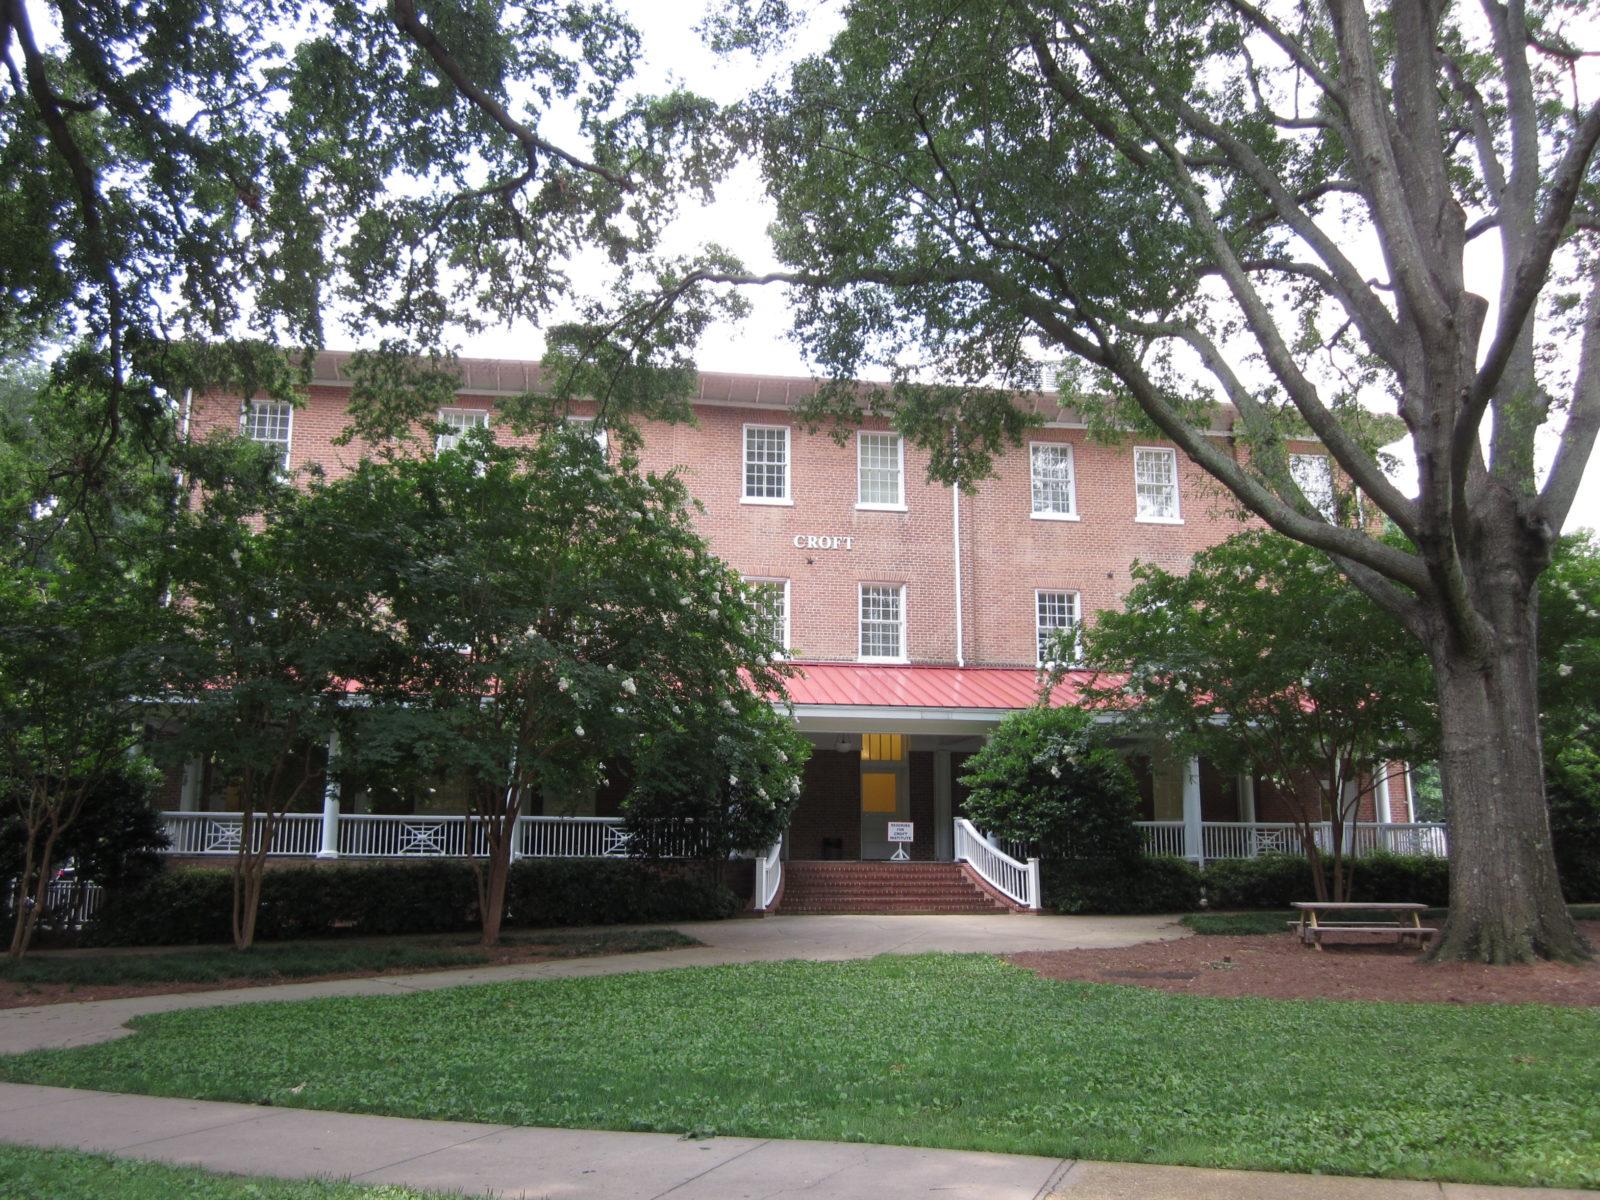 Croft Institute